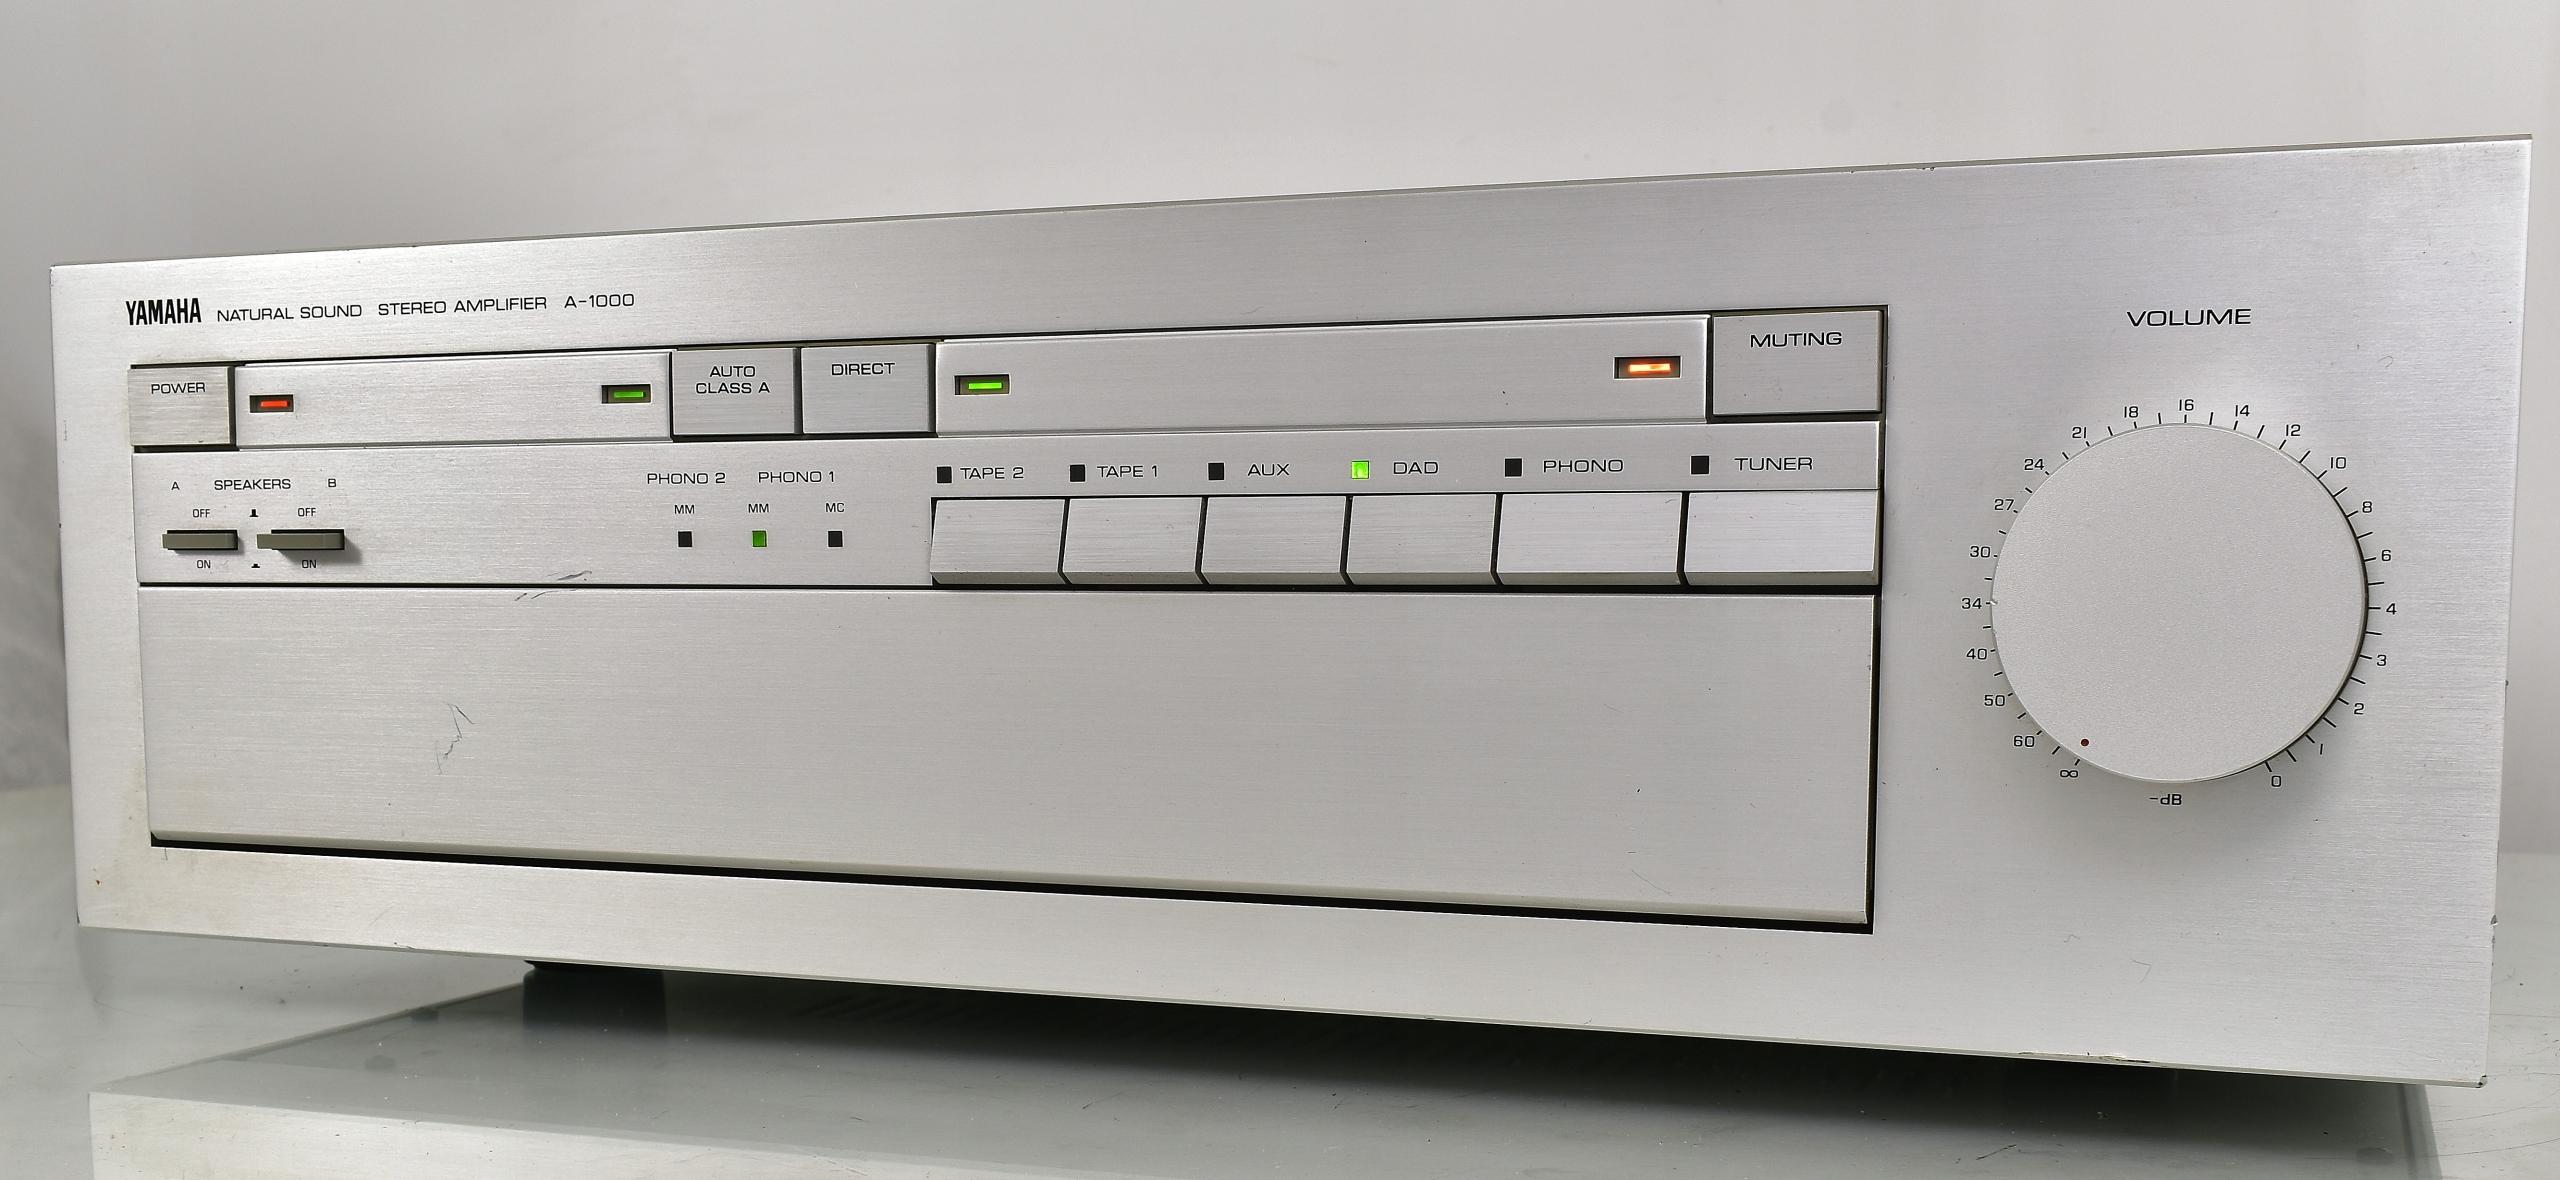 Yamaha A-1000 Audiofilski wzmacniacz stereo .